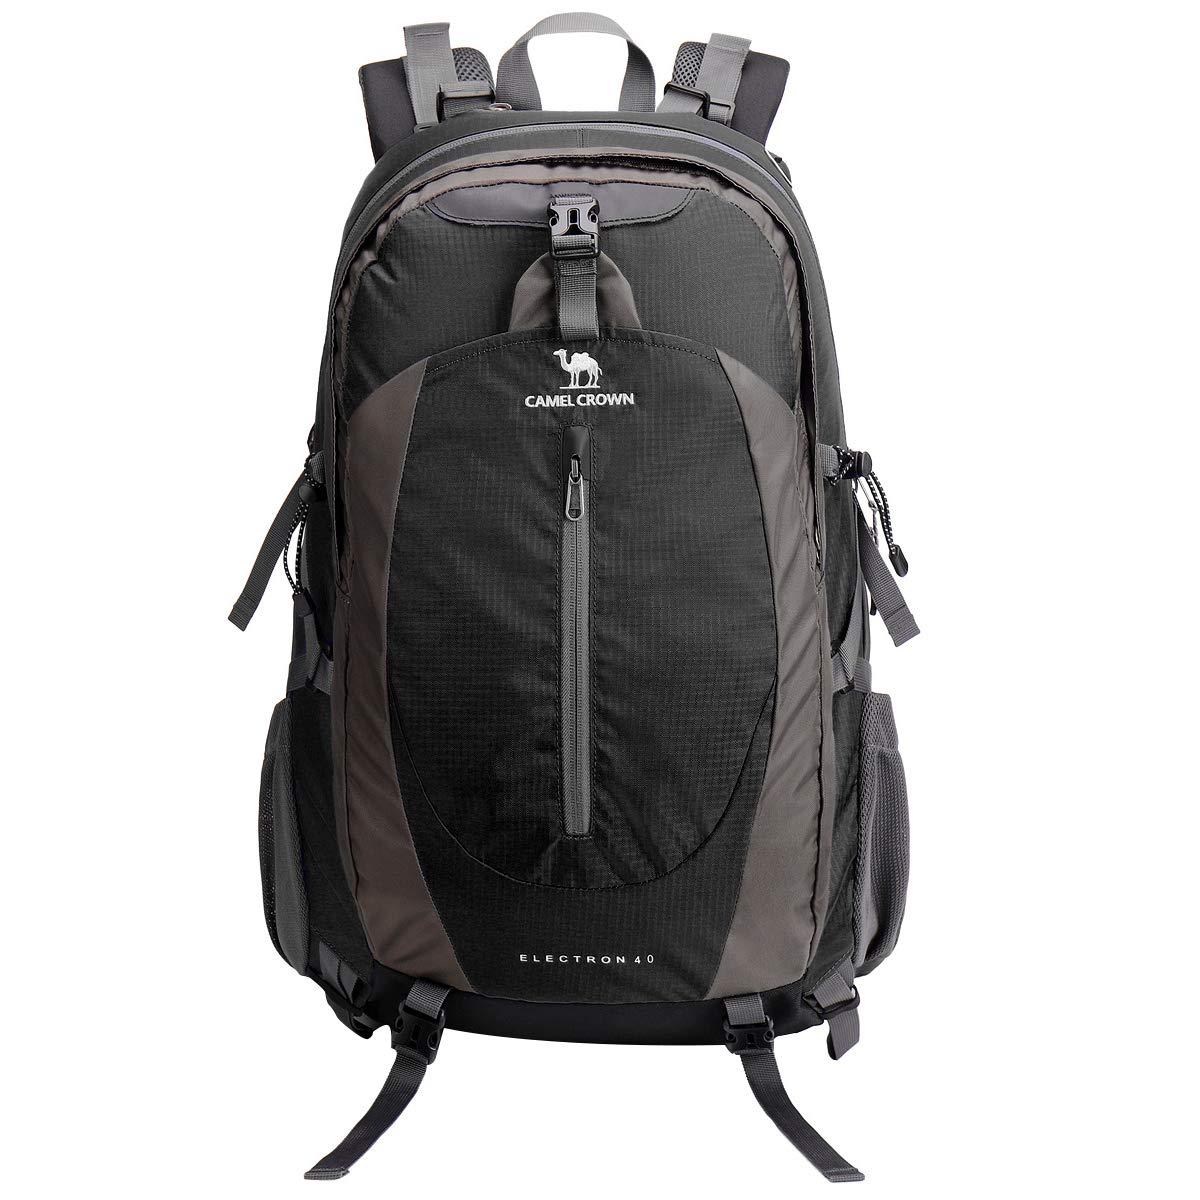 CAMEL CROWN 40L 50L Waterproof Hiking Backpack Travel Daypack Backpacks Trekking